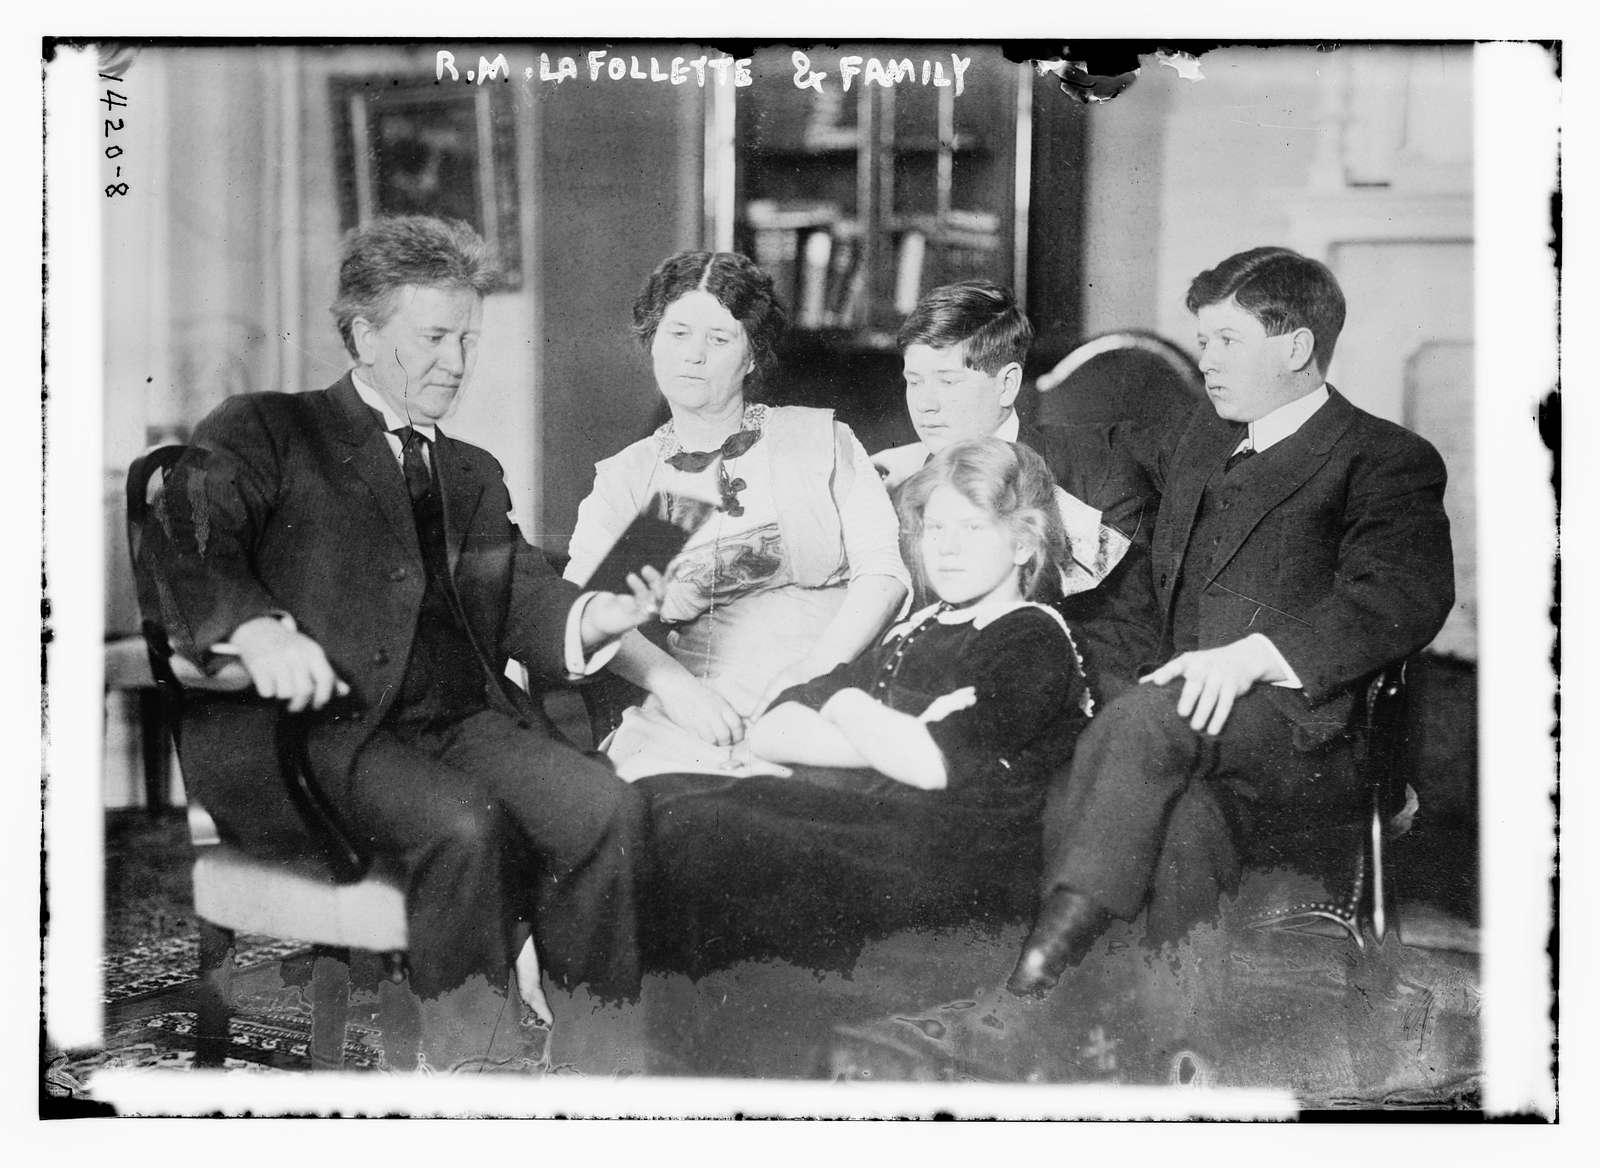 R.M. LaFollette & family